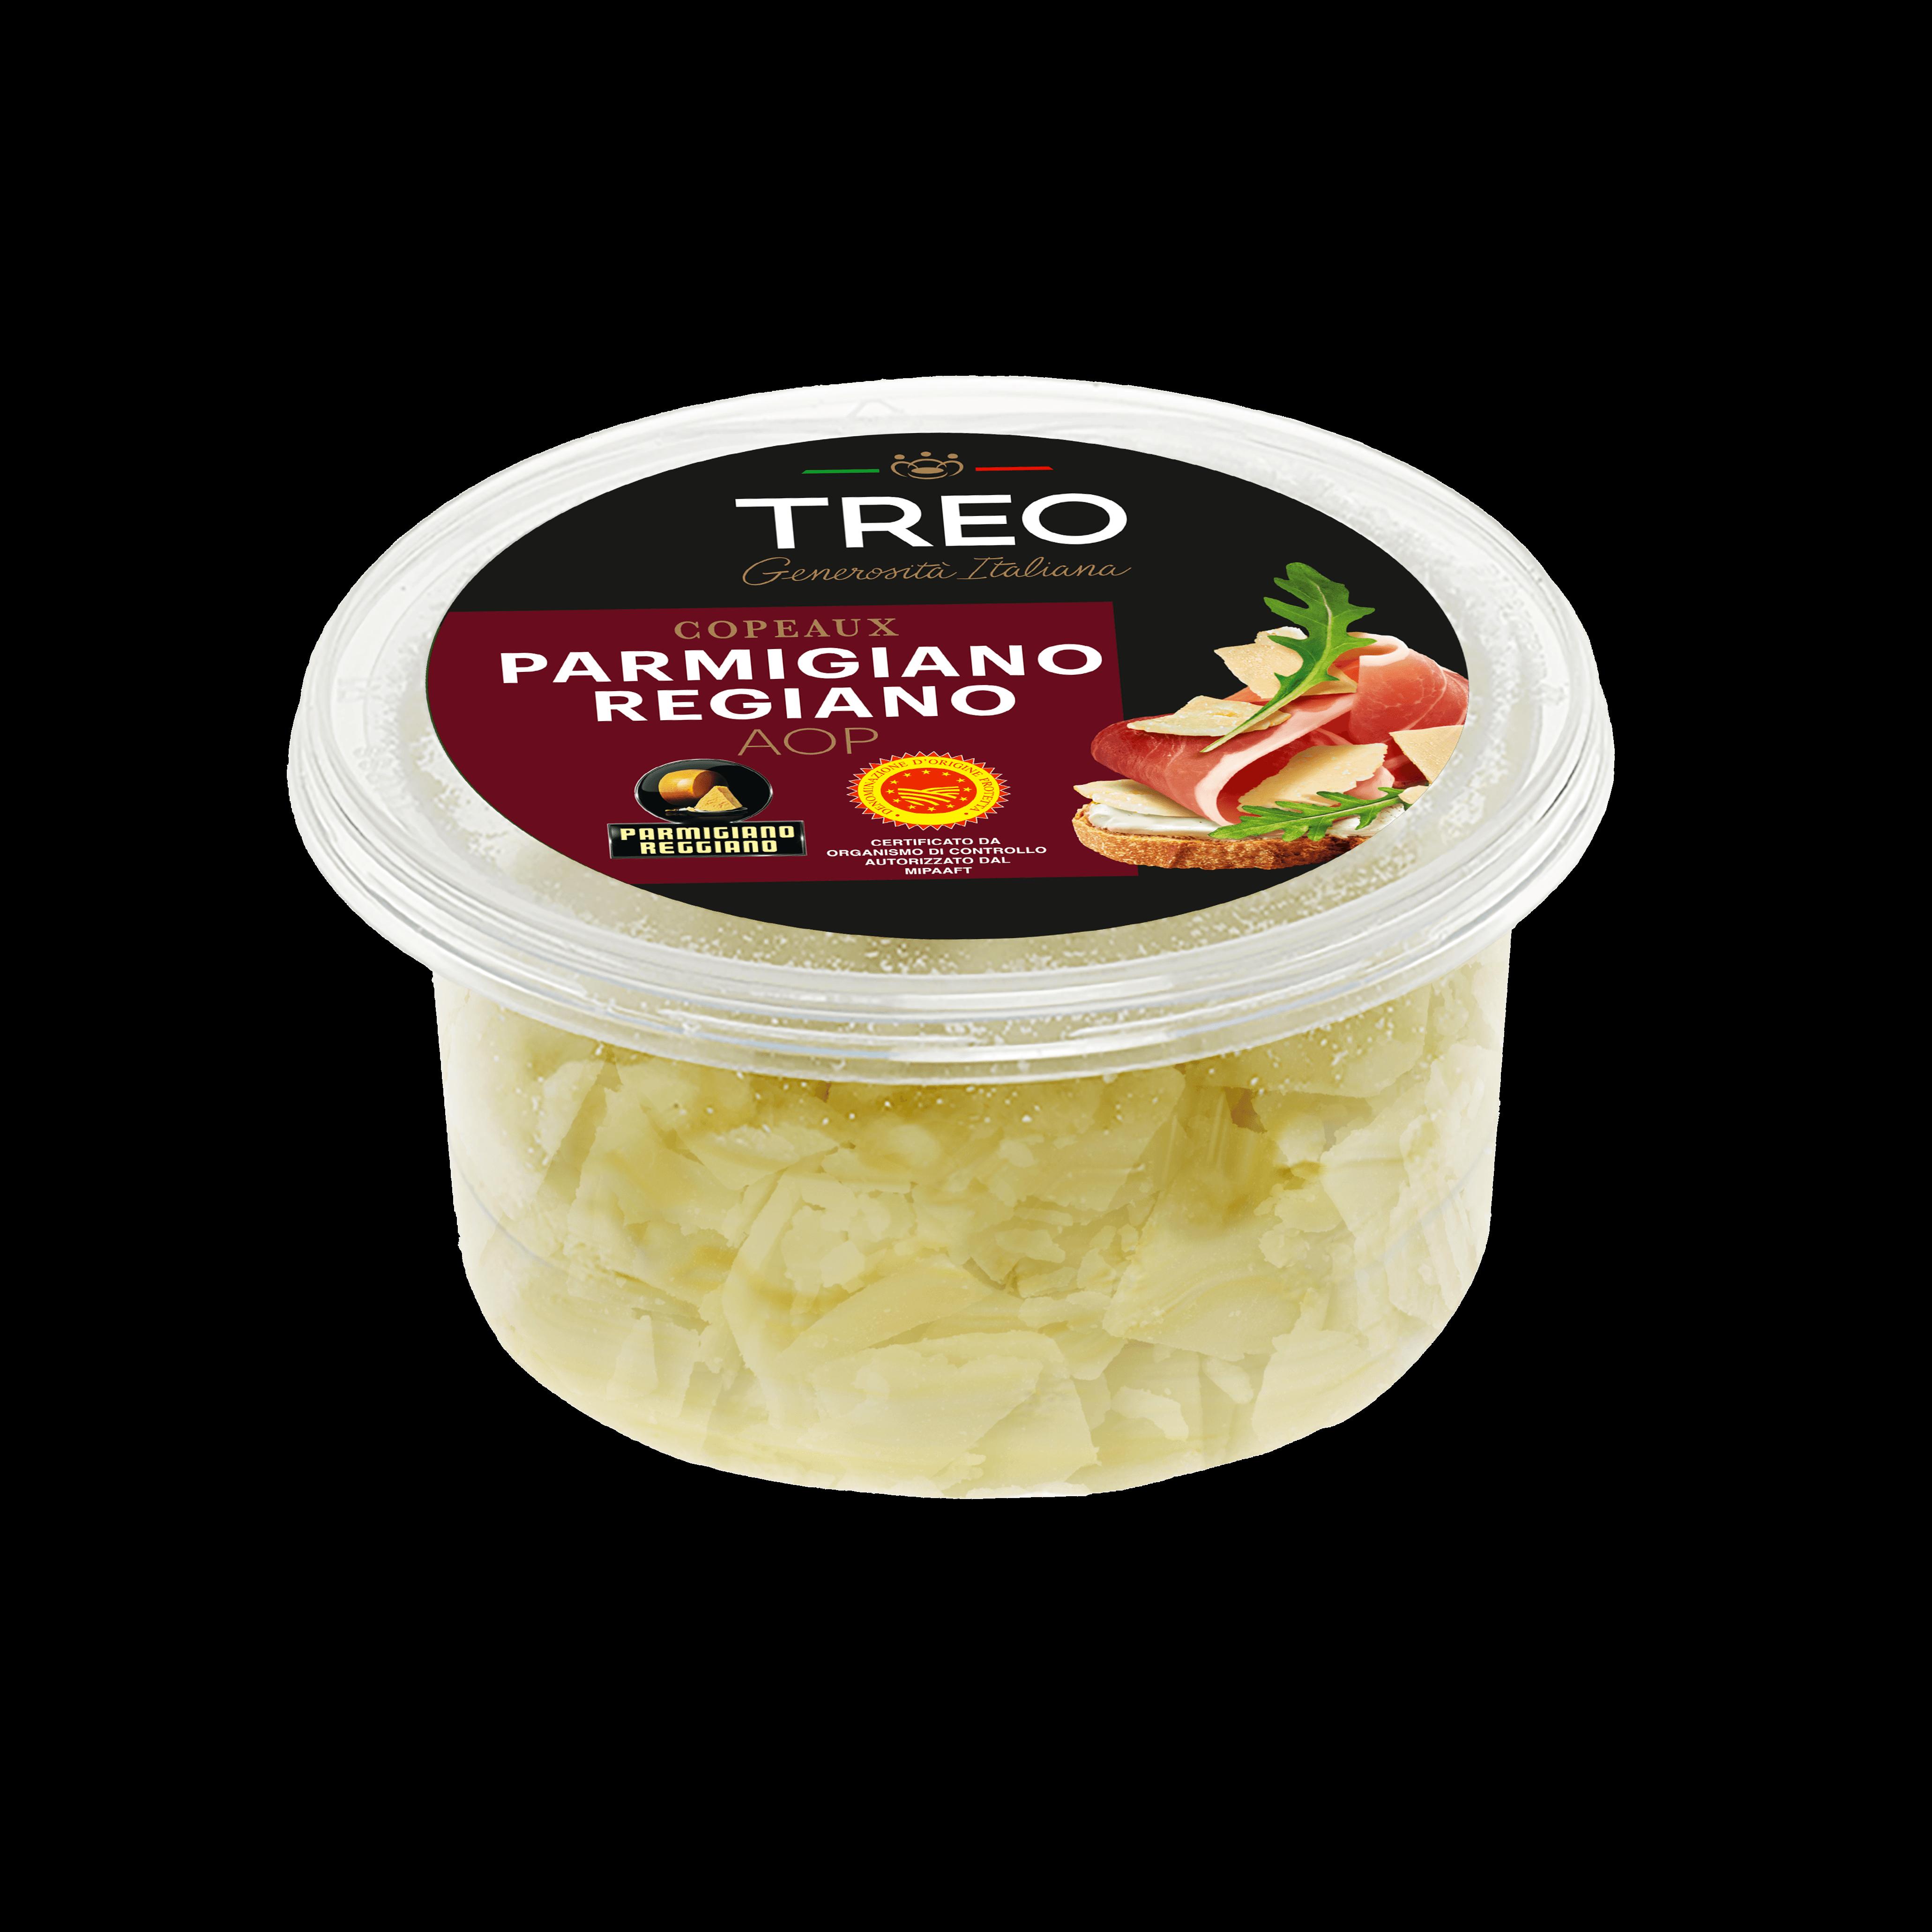 Parmigiano Reggiano cop